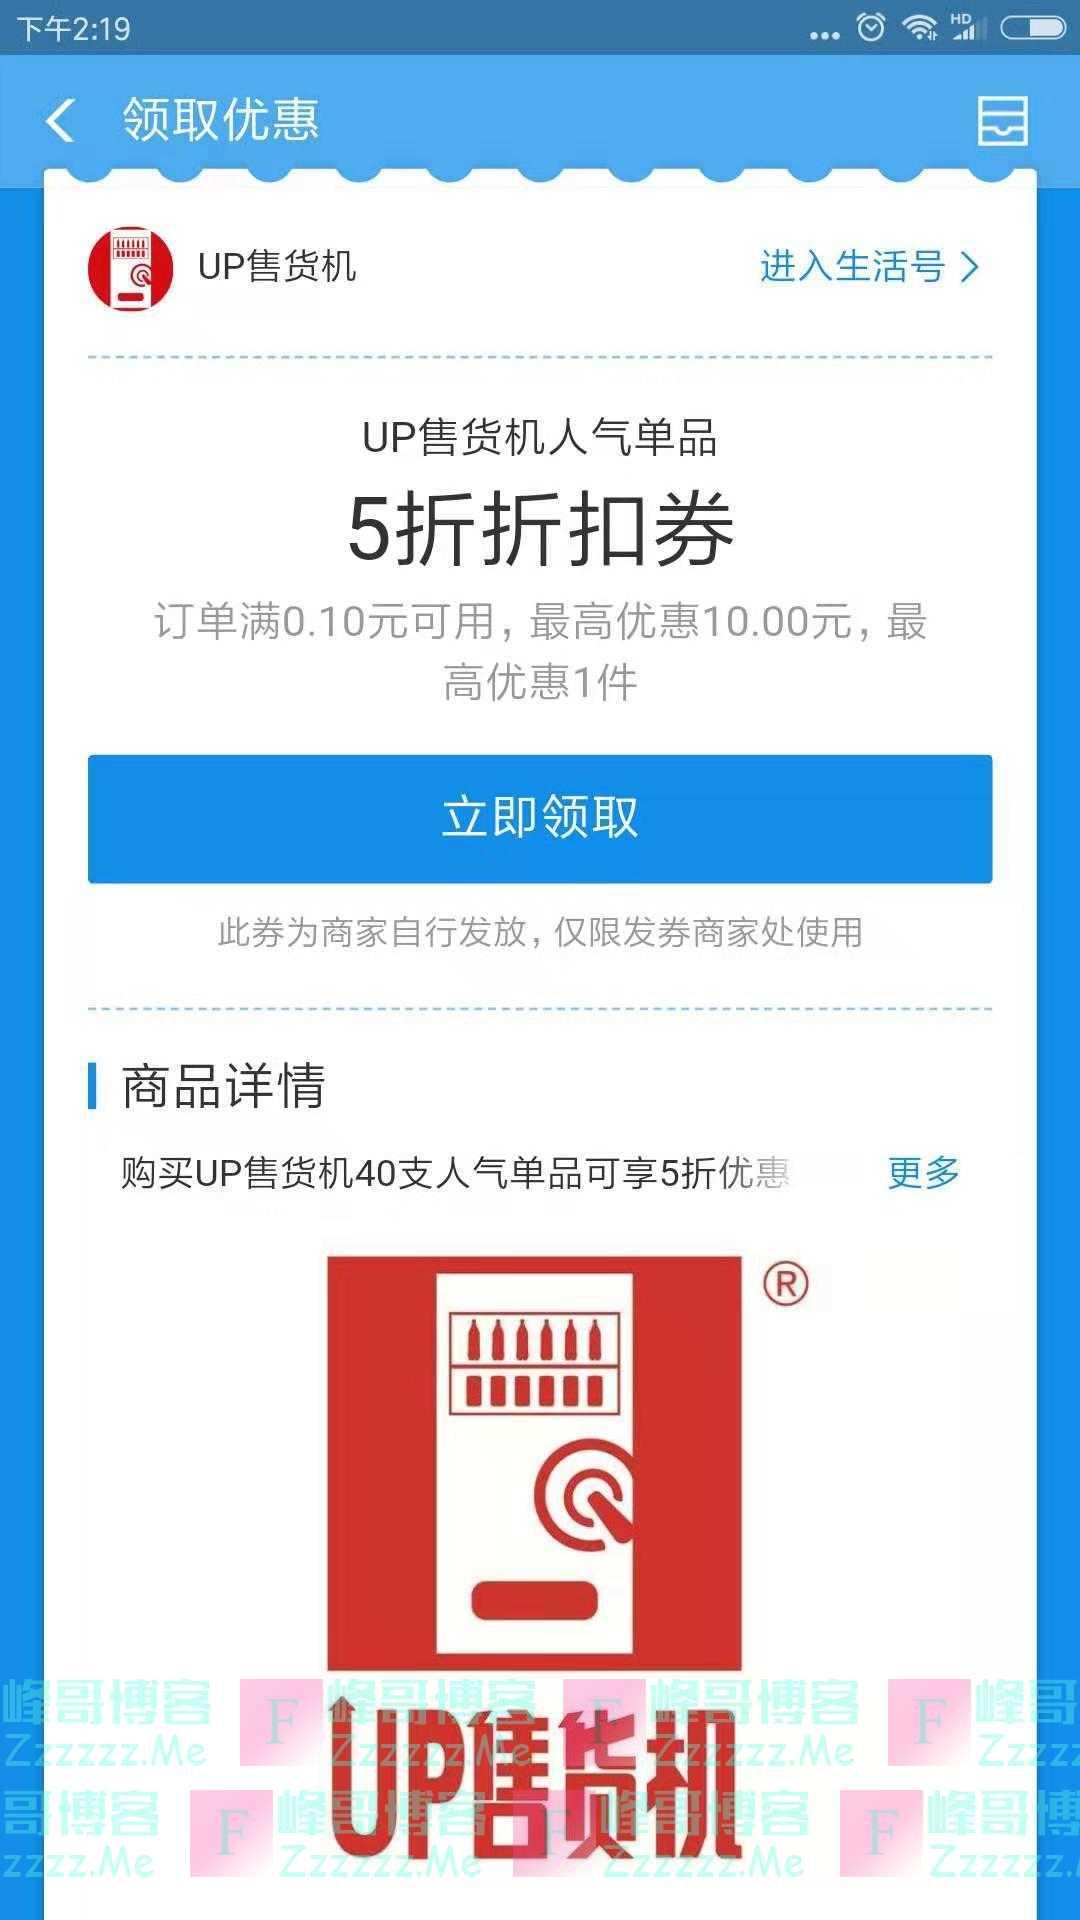 UP售货机5折线下代金券(截止1月16日)